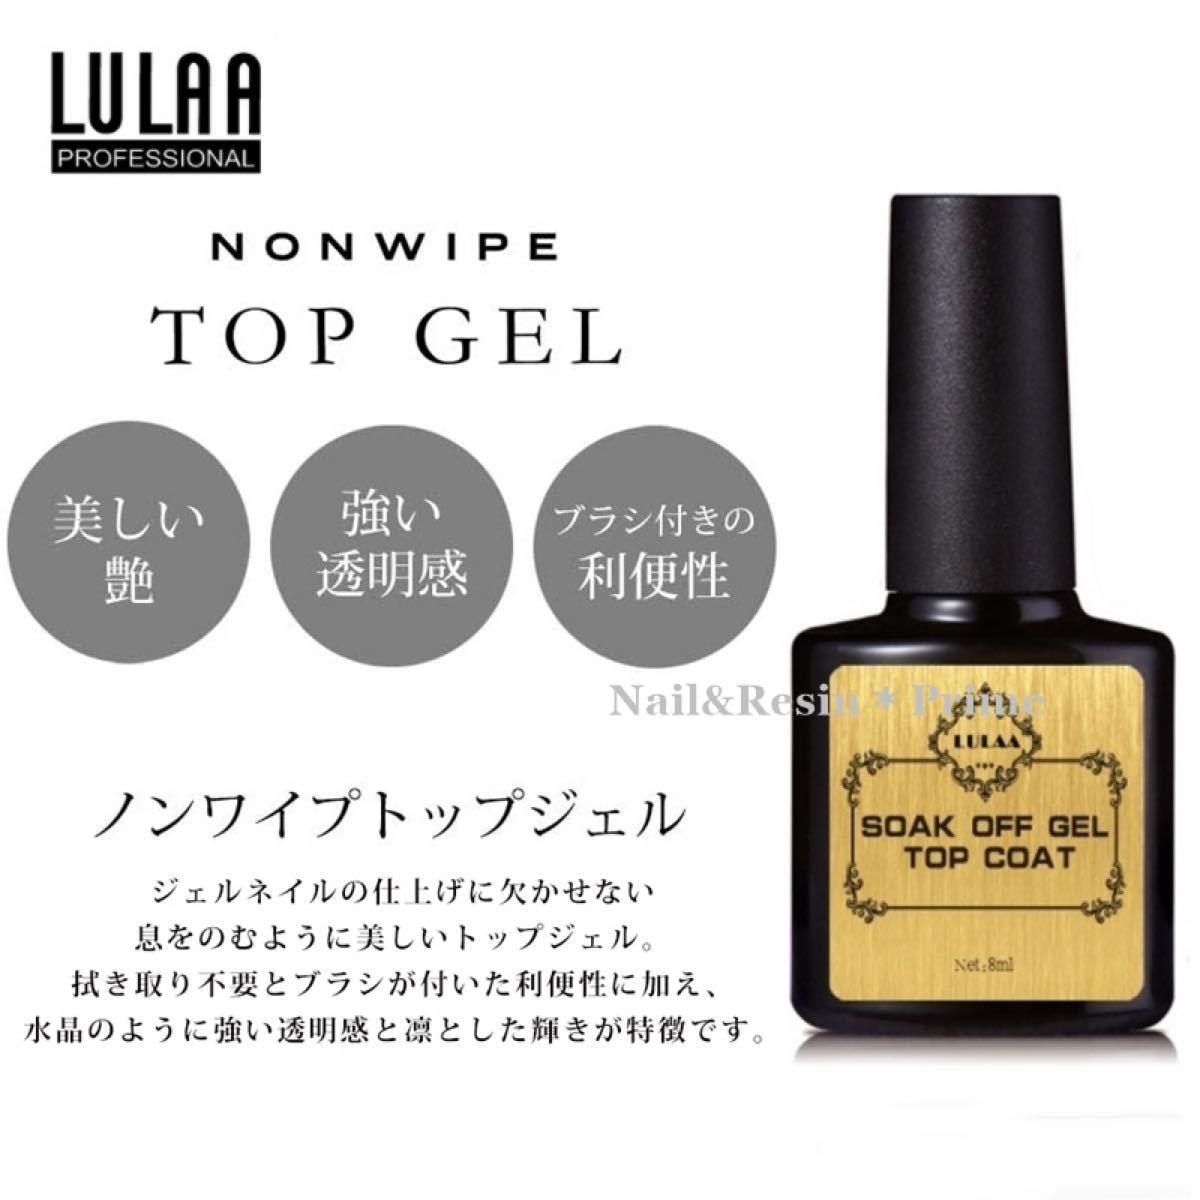 【ジェルネイル】ベース&ノンワイプトップジェル2本セット 拭き取り不要 ノンワイプ